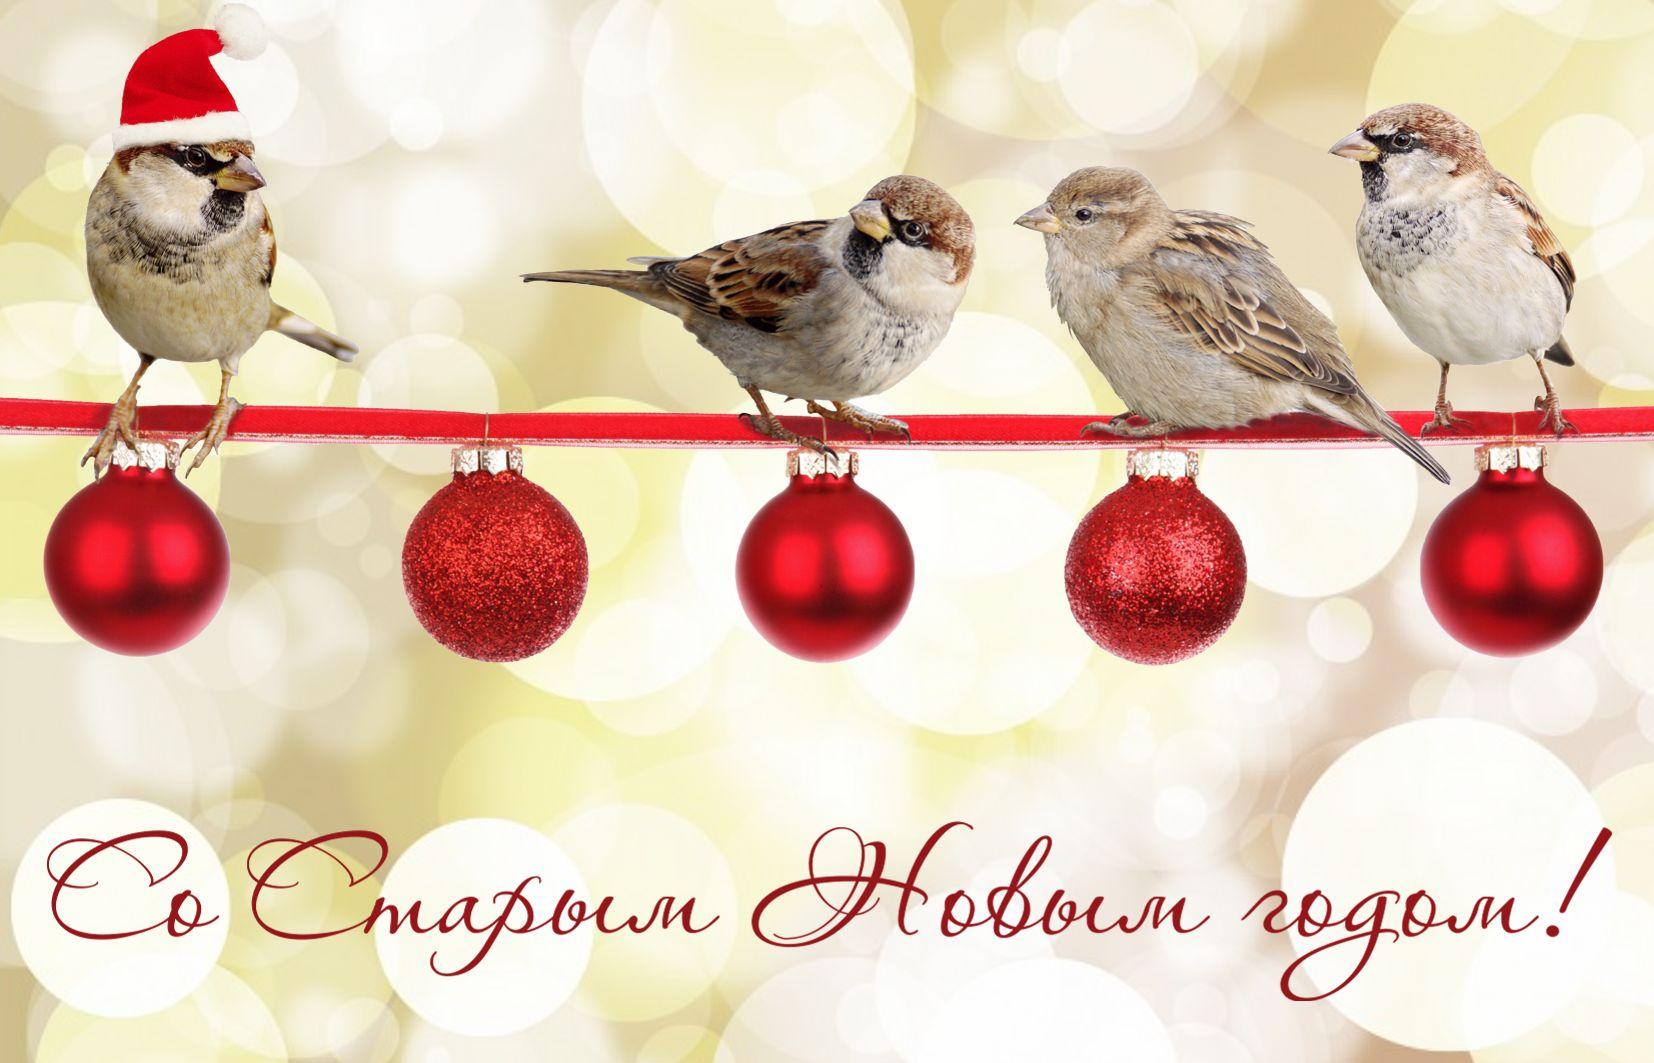 Открытка со Старым Новым годом - птички на веточке с игрушками